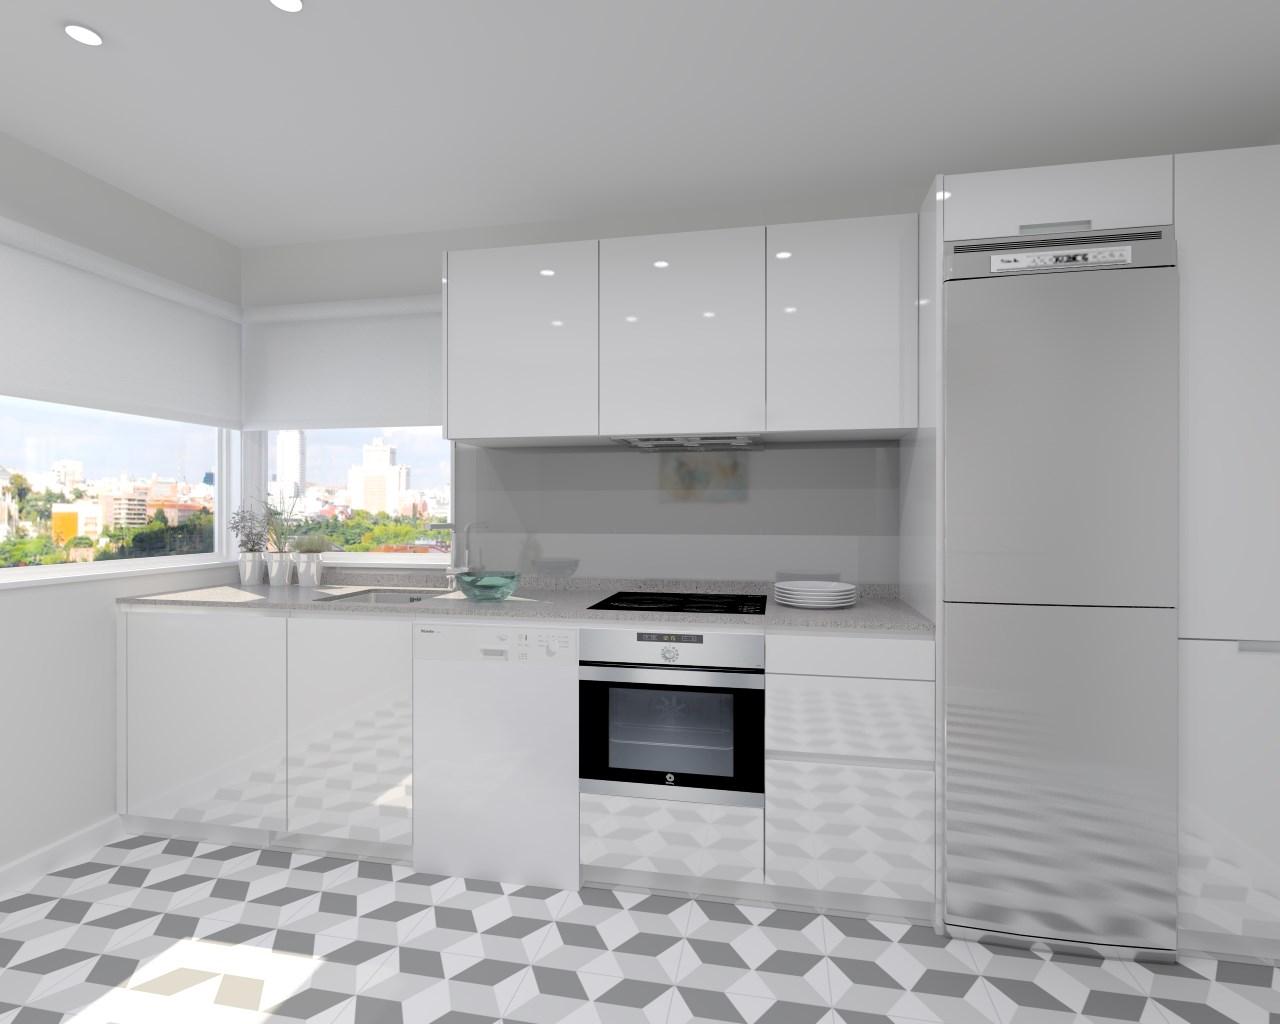 Cocina santos modelo line laminado blanco brillo encimera for Modelos de cocinas 2016